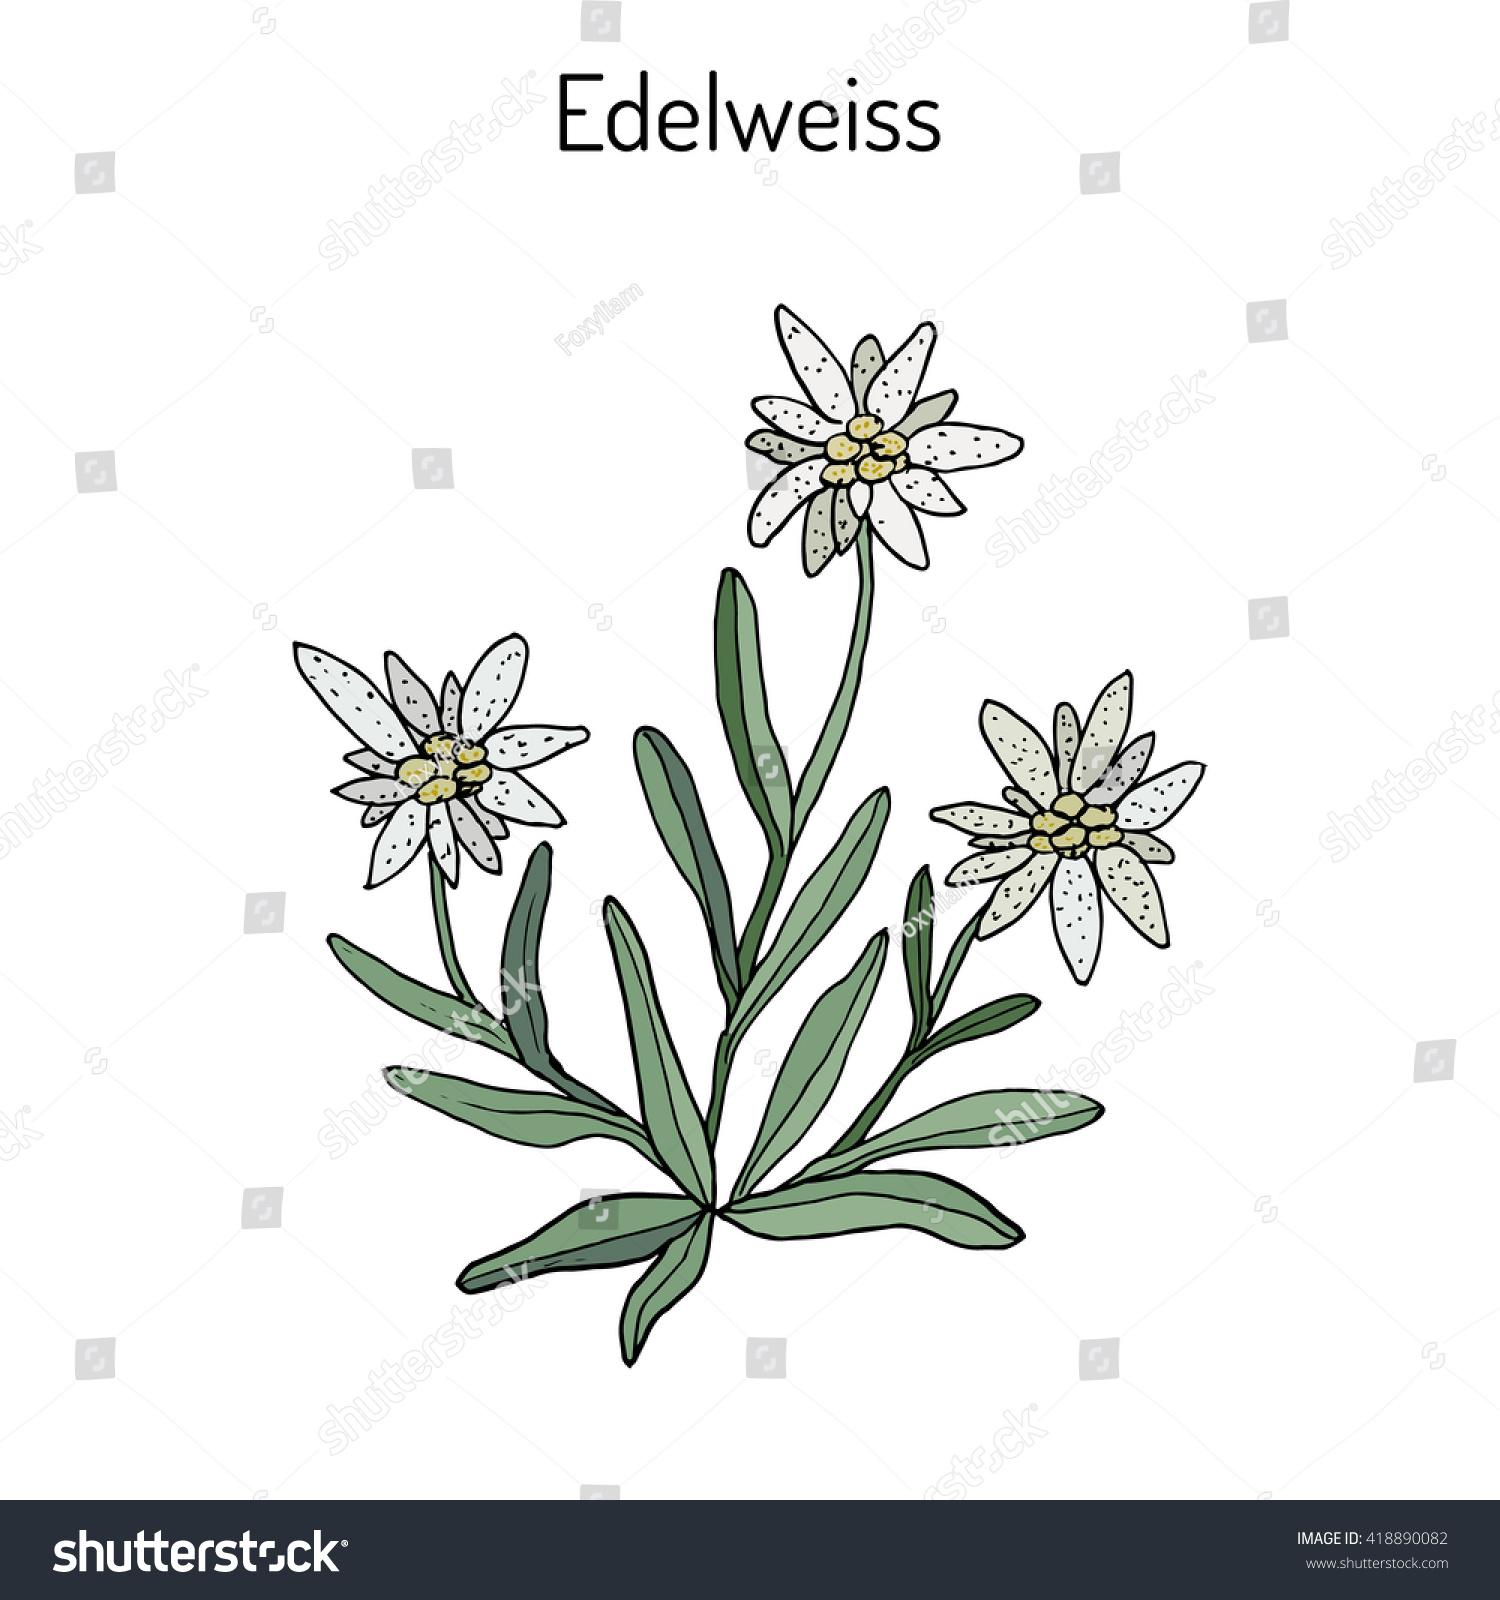 1500x1600 Edelweiss Flowers Drawing Edelweiss Leontopodium Alpinum Flower